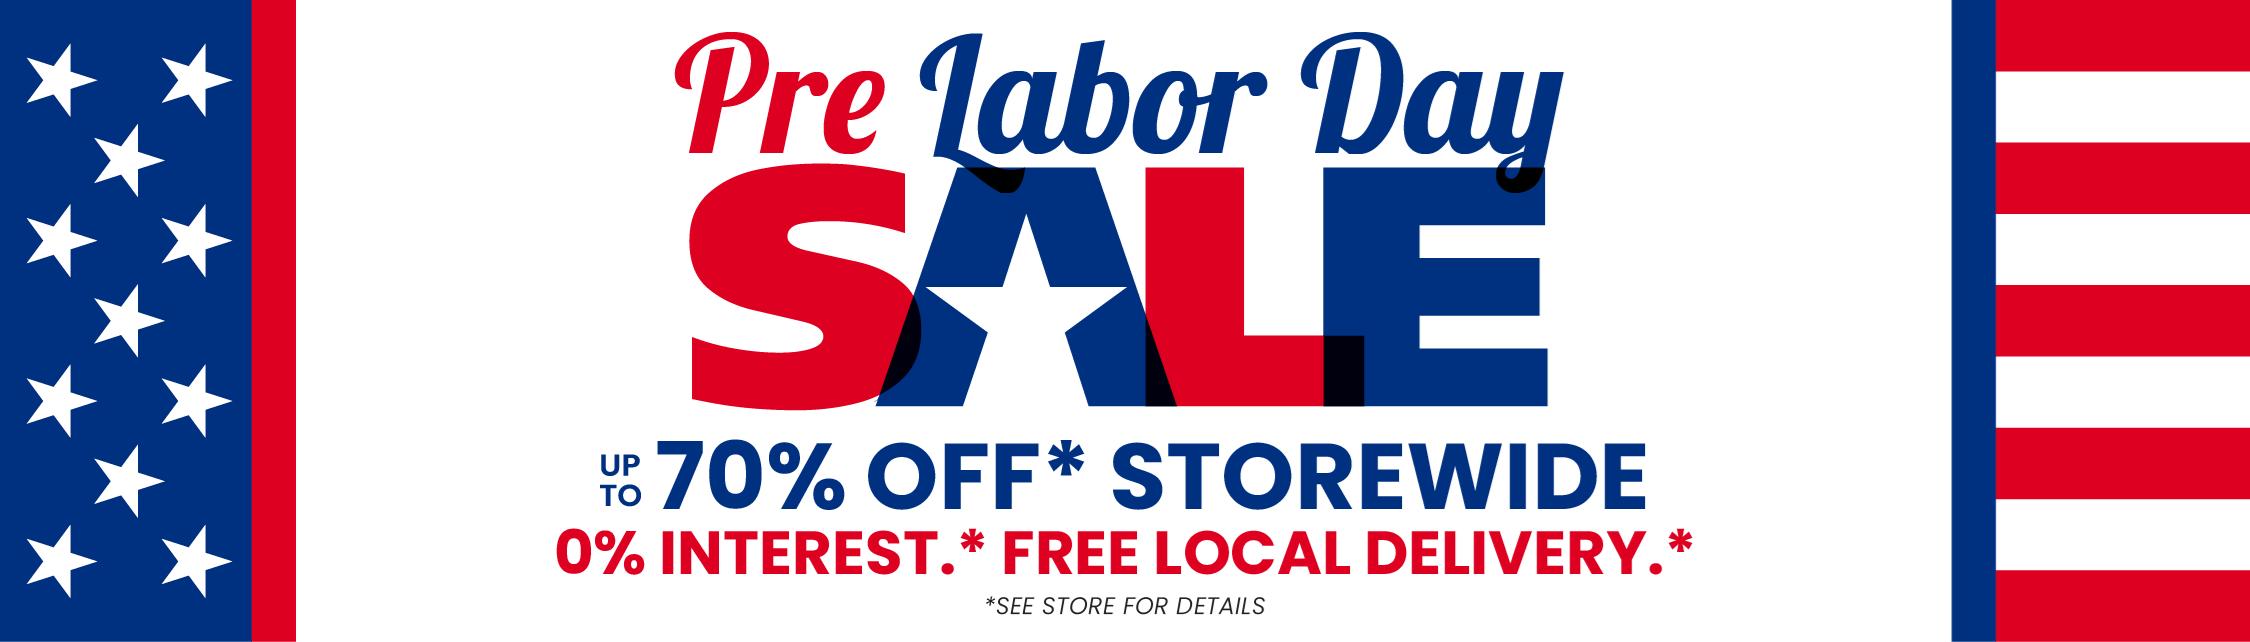 Pre Labor Day Sale